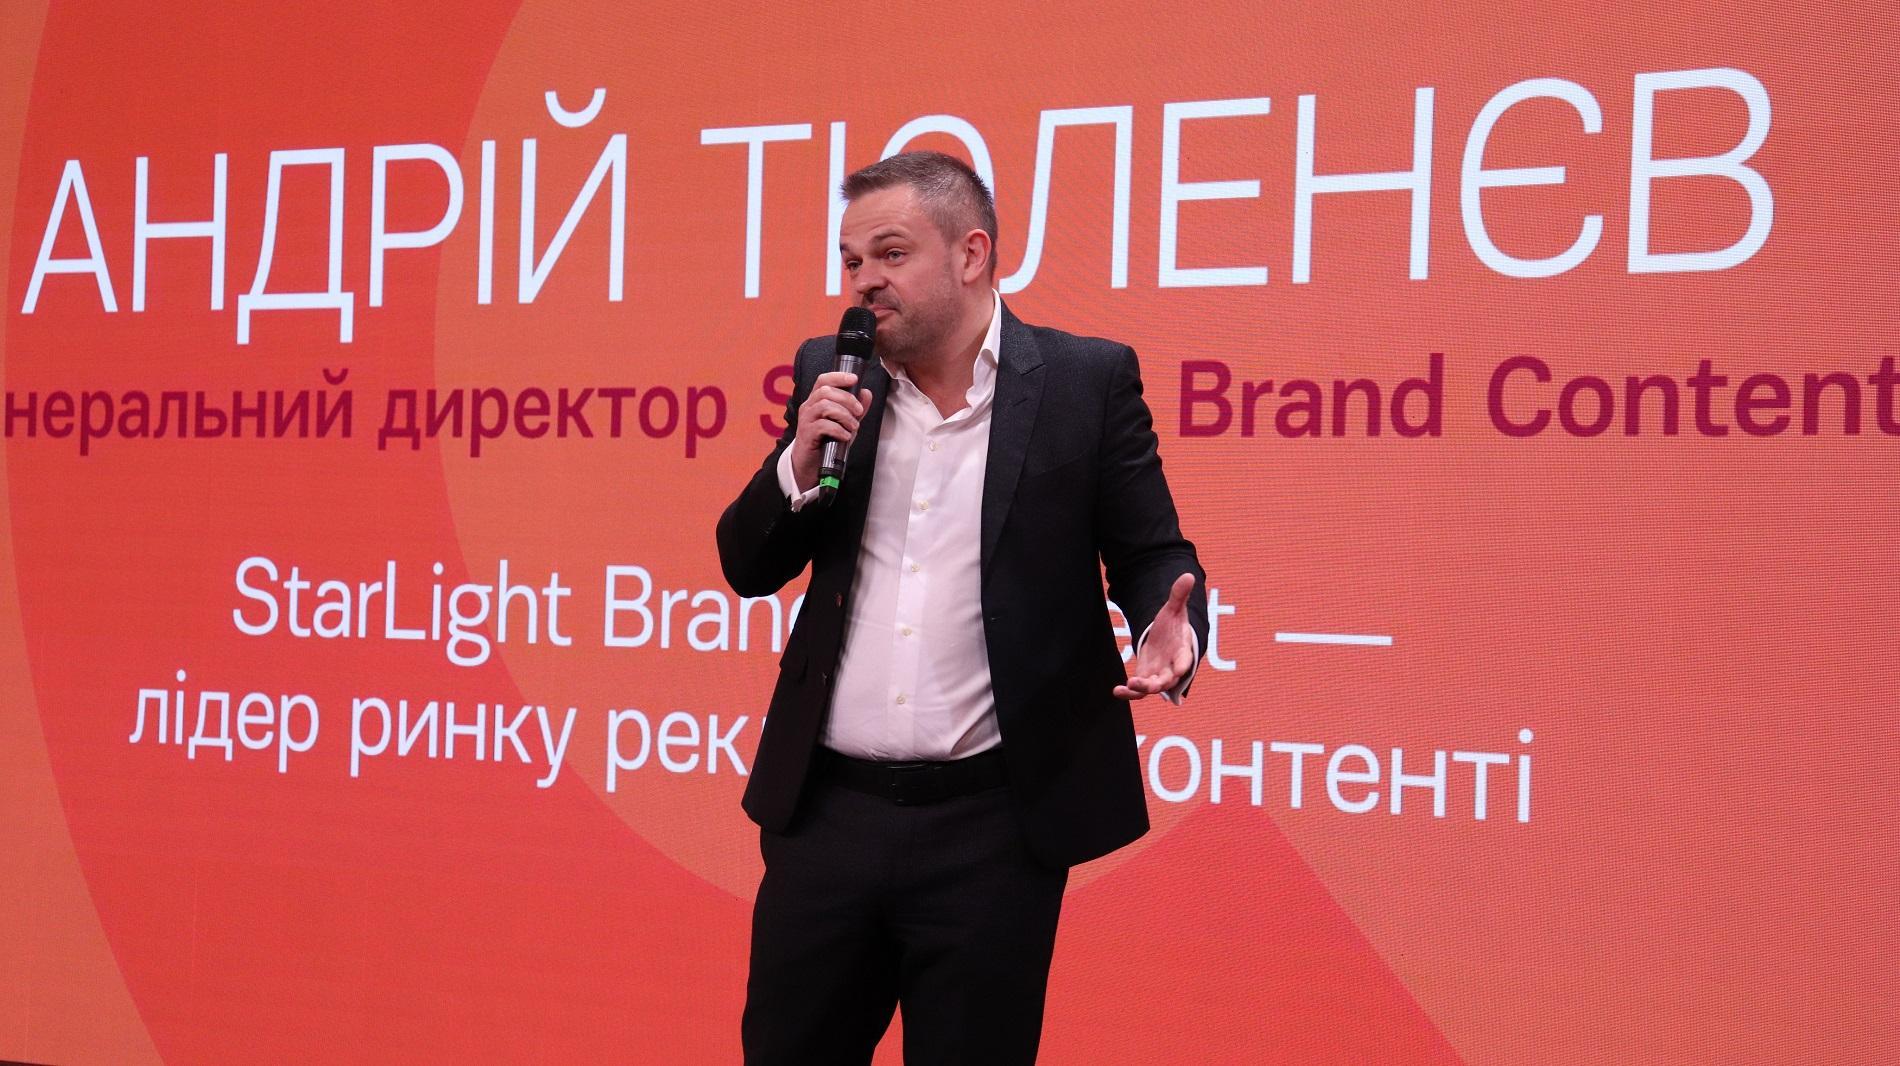 Андрей Тюленев